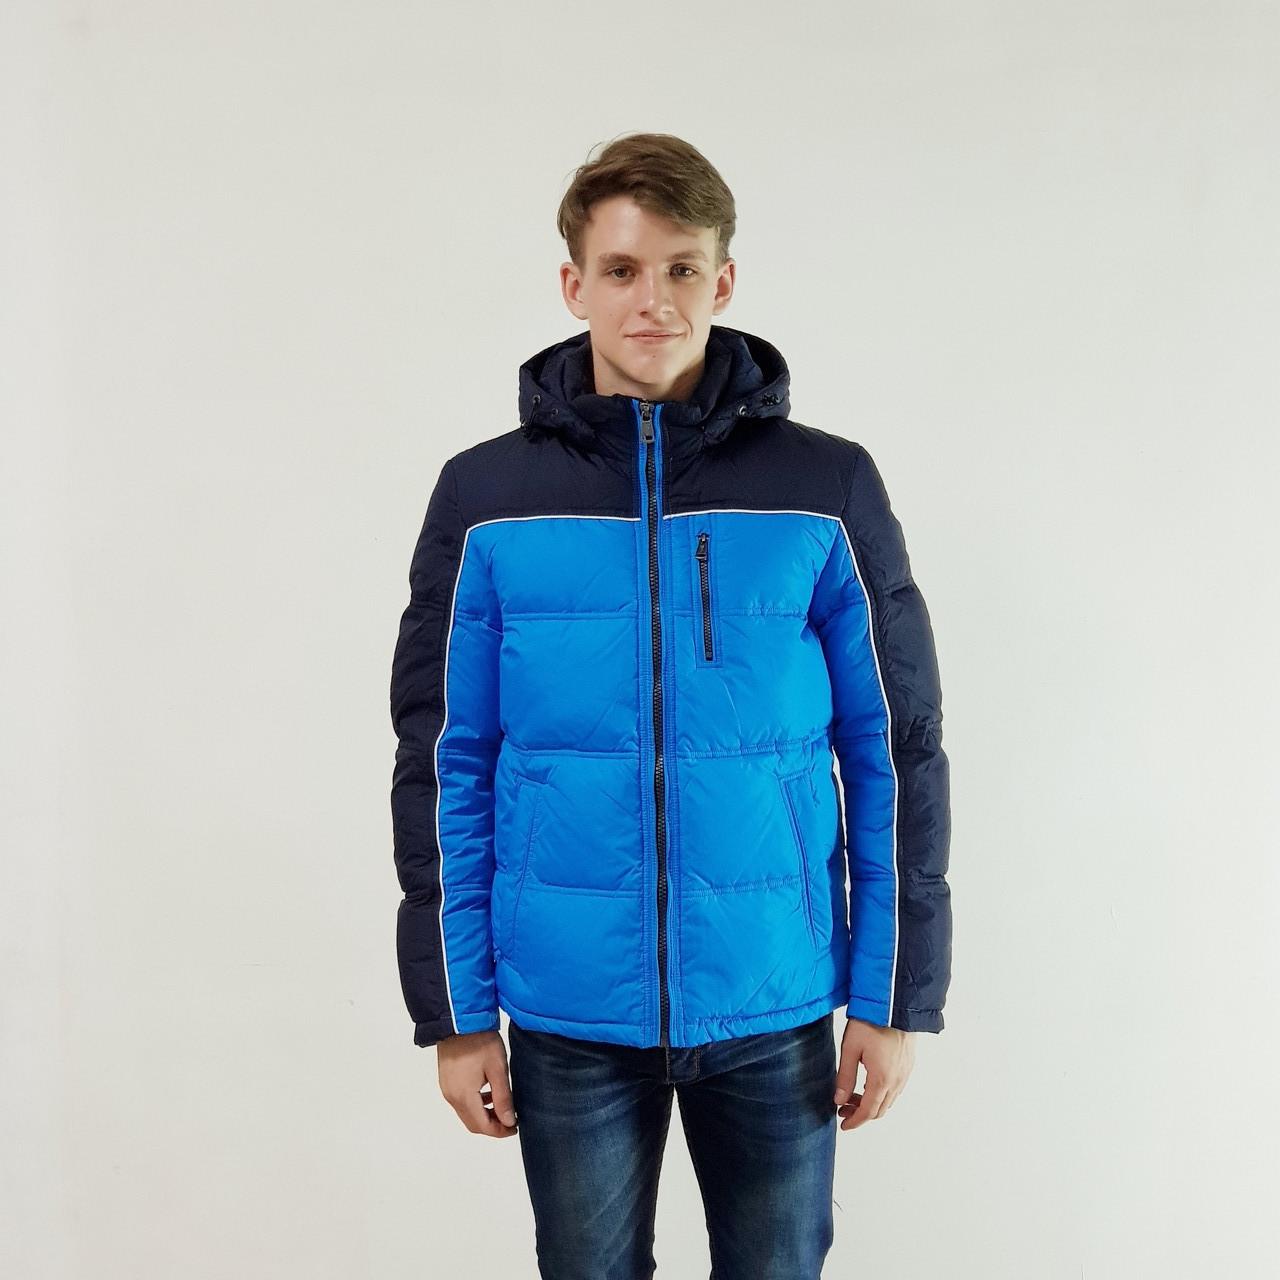 Куртка мужская зимняя Snowimage с капюшоном 54 голубой 131-3357-54